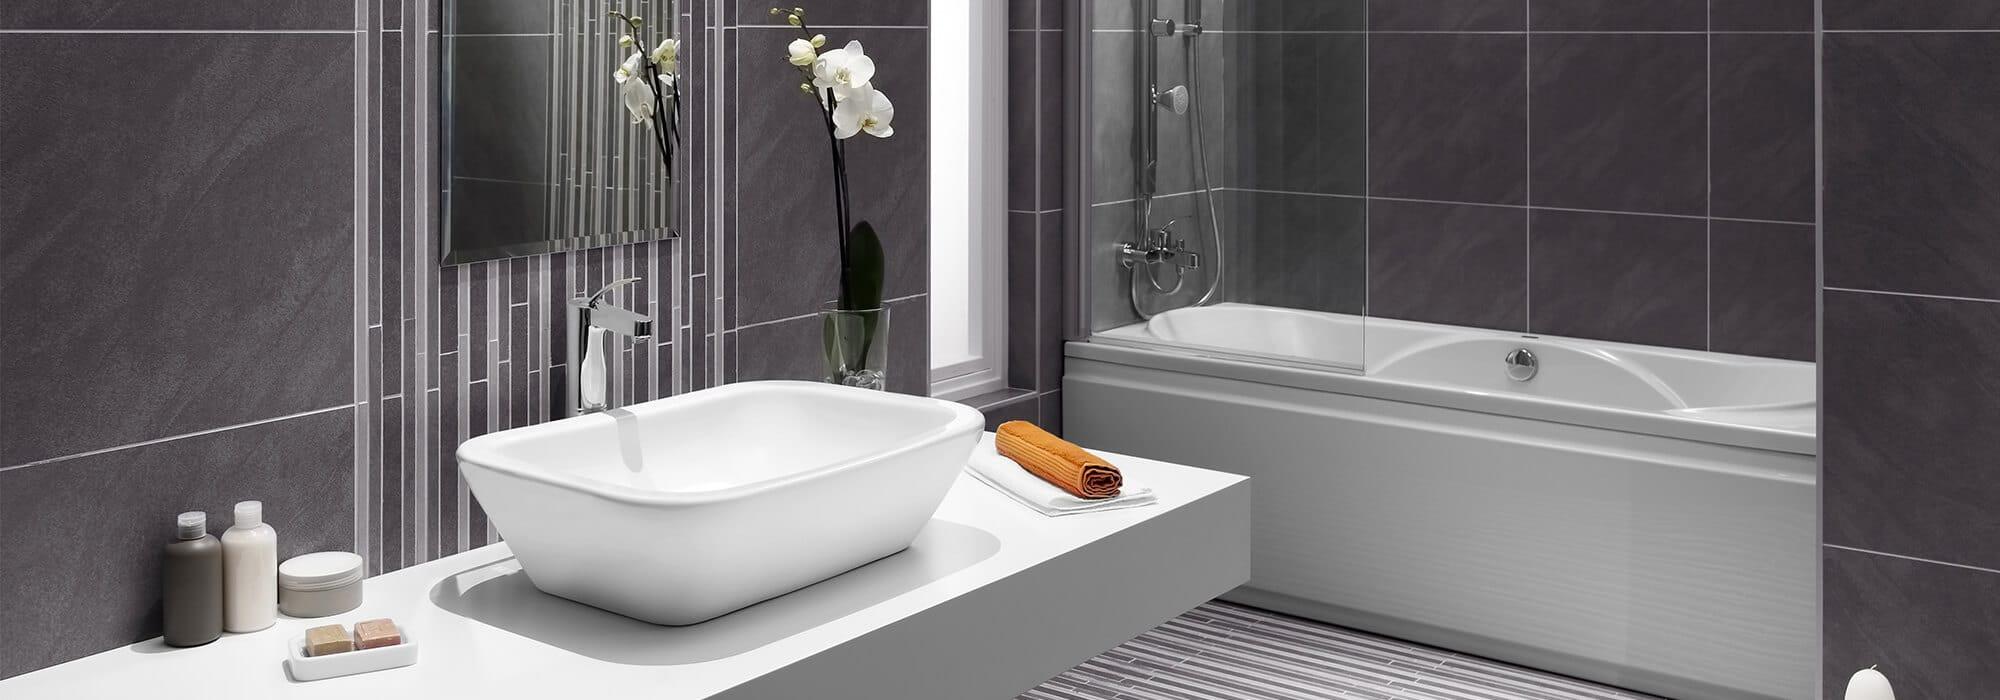 Pour les finitions des salles de bains, découvrez nos solutions de profilés et croisillons de carrelage